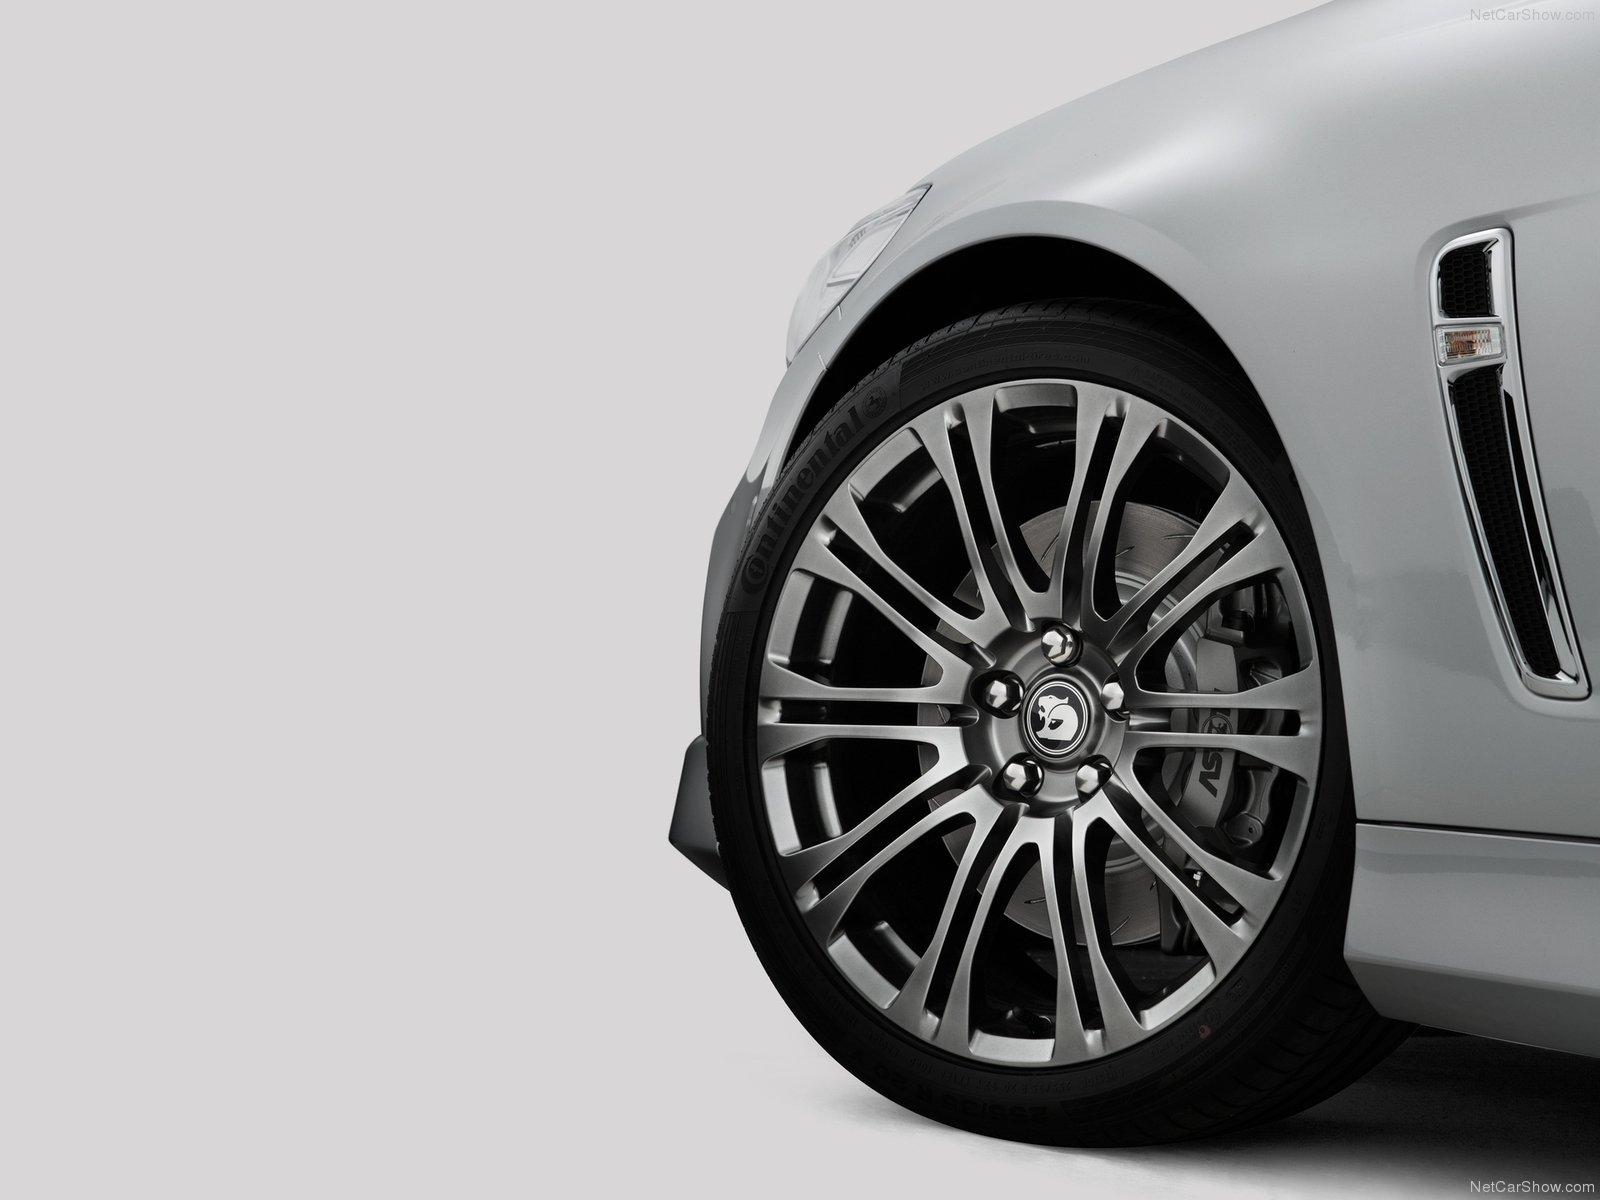 Hình ảnh xe ô tô HSV Gen-F Senator Signature 2014 & nội ngoại thất